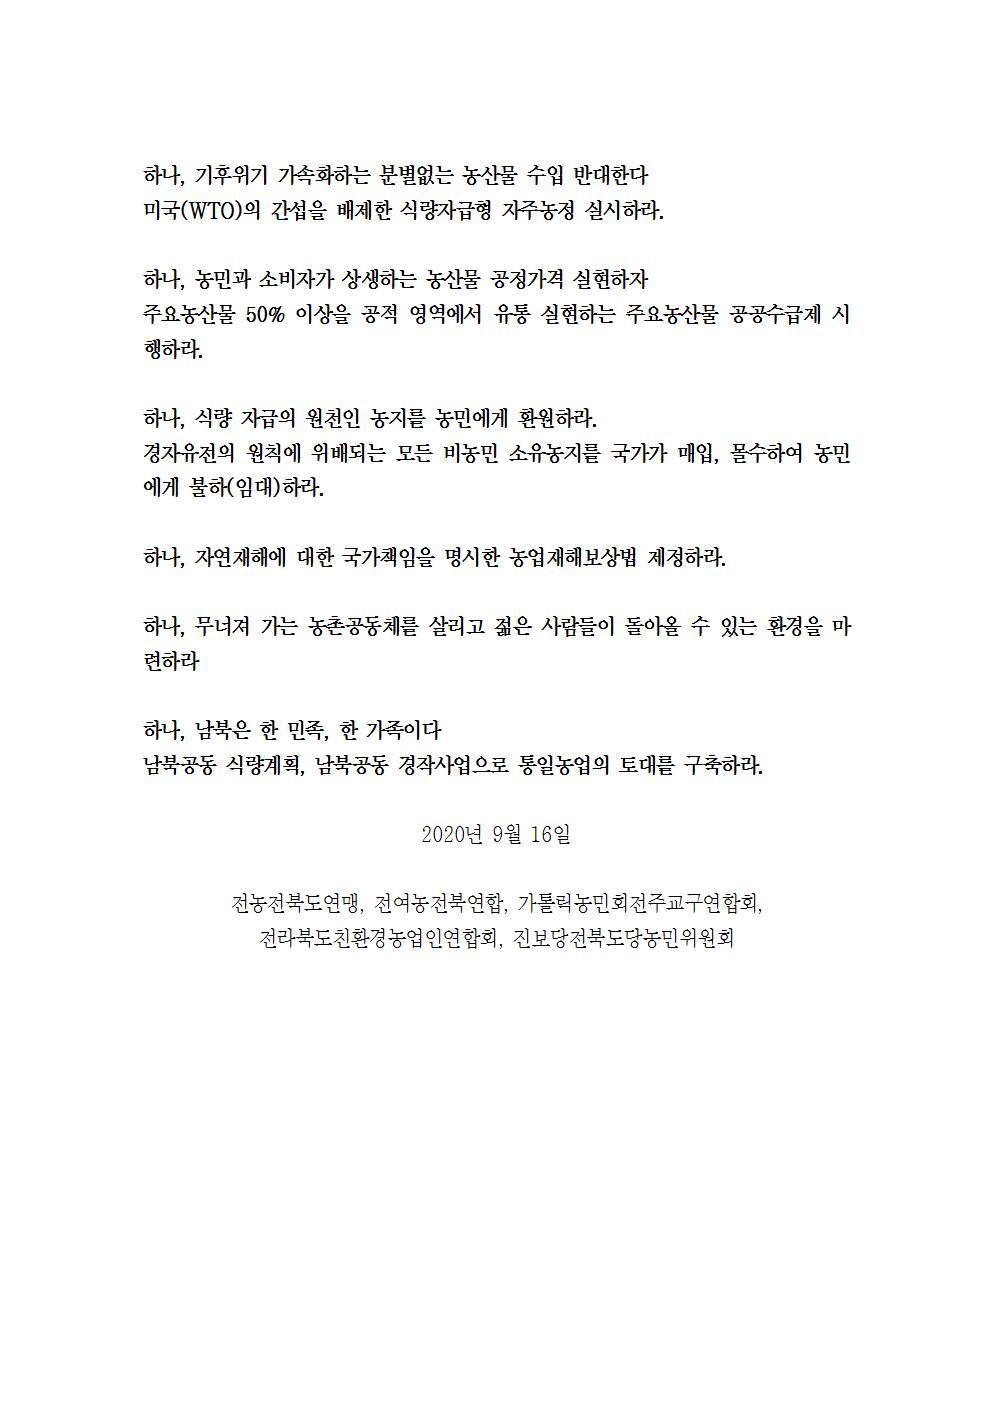 식량 주권 실현과 농민기본법 제정을 위한 전북농민선언002.jpg